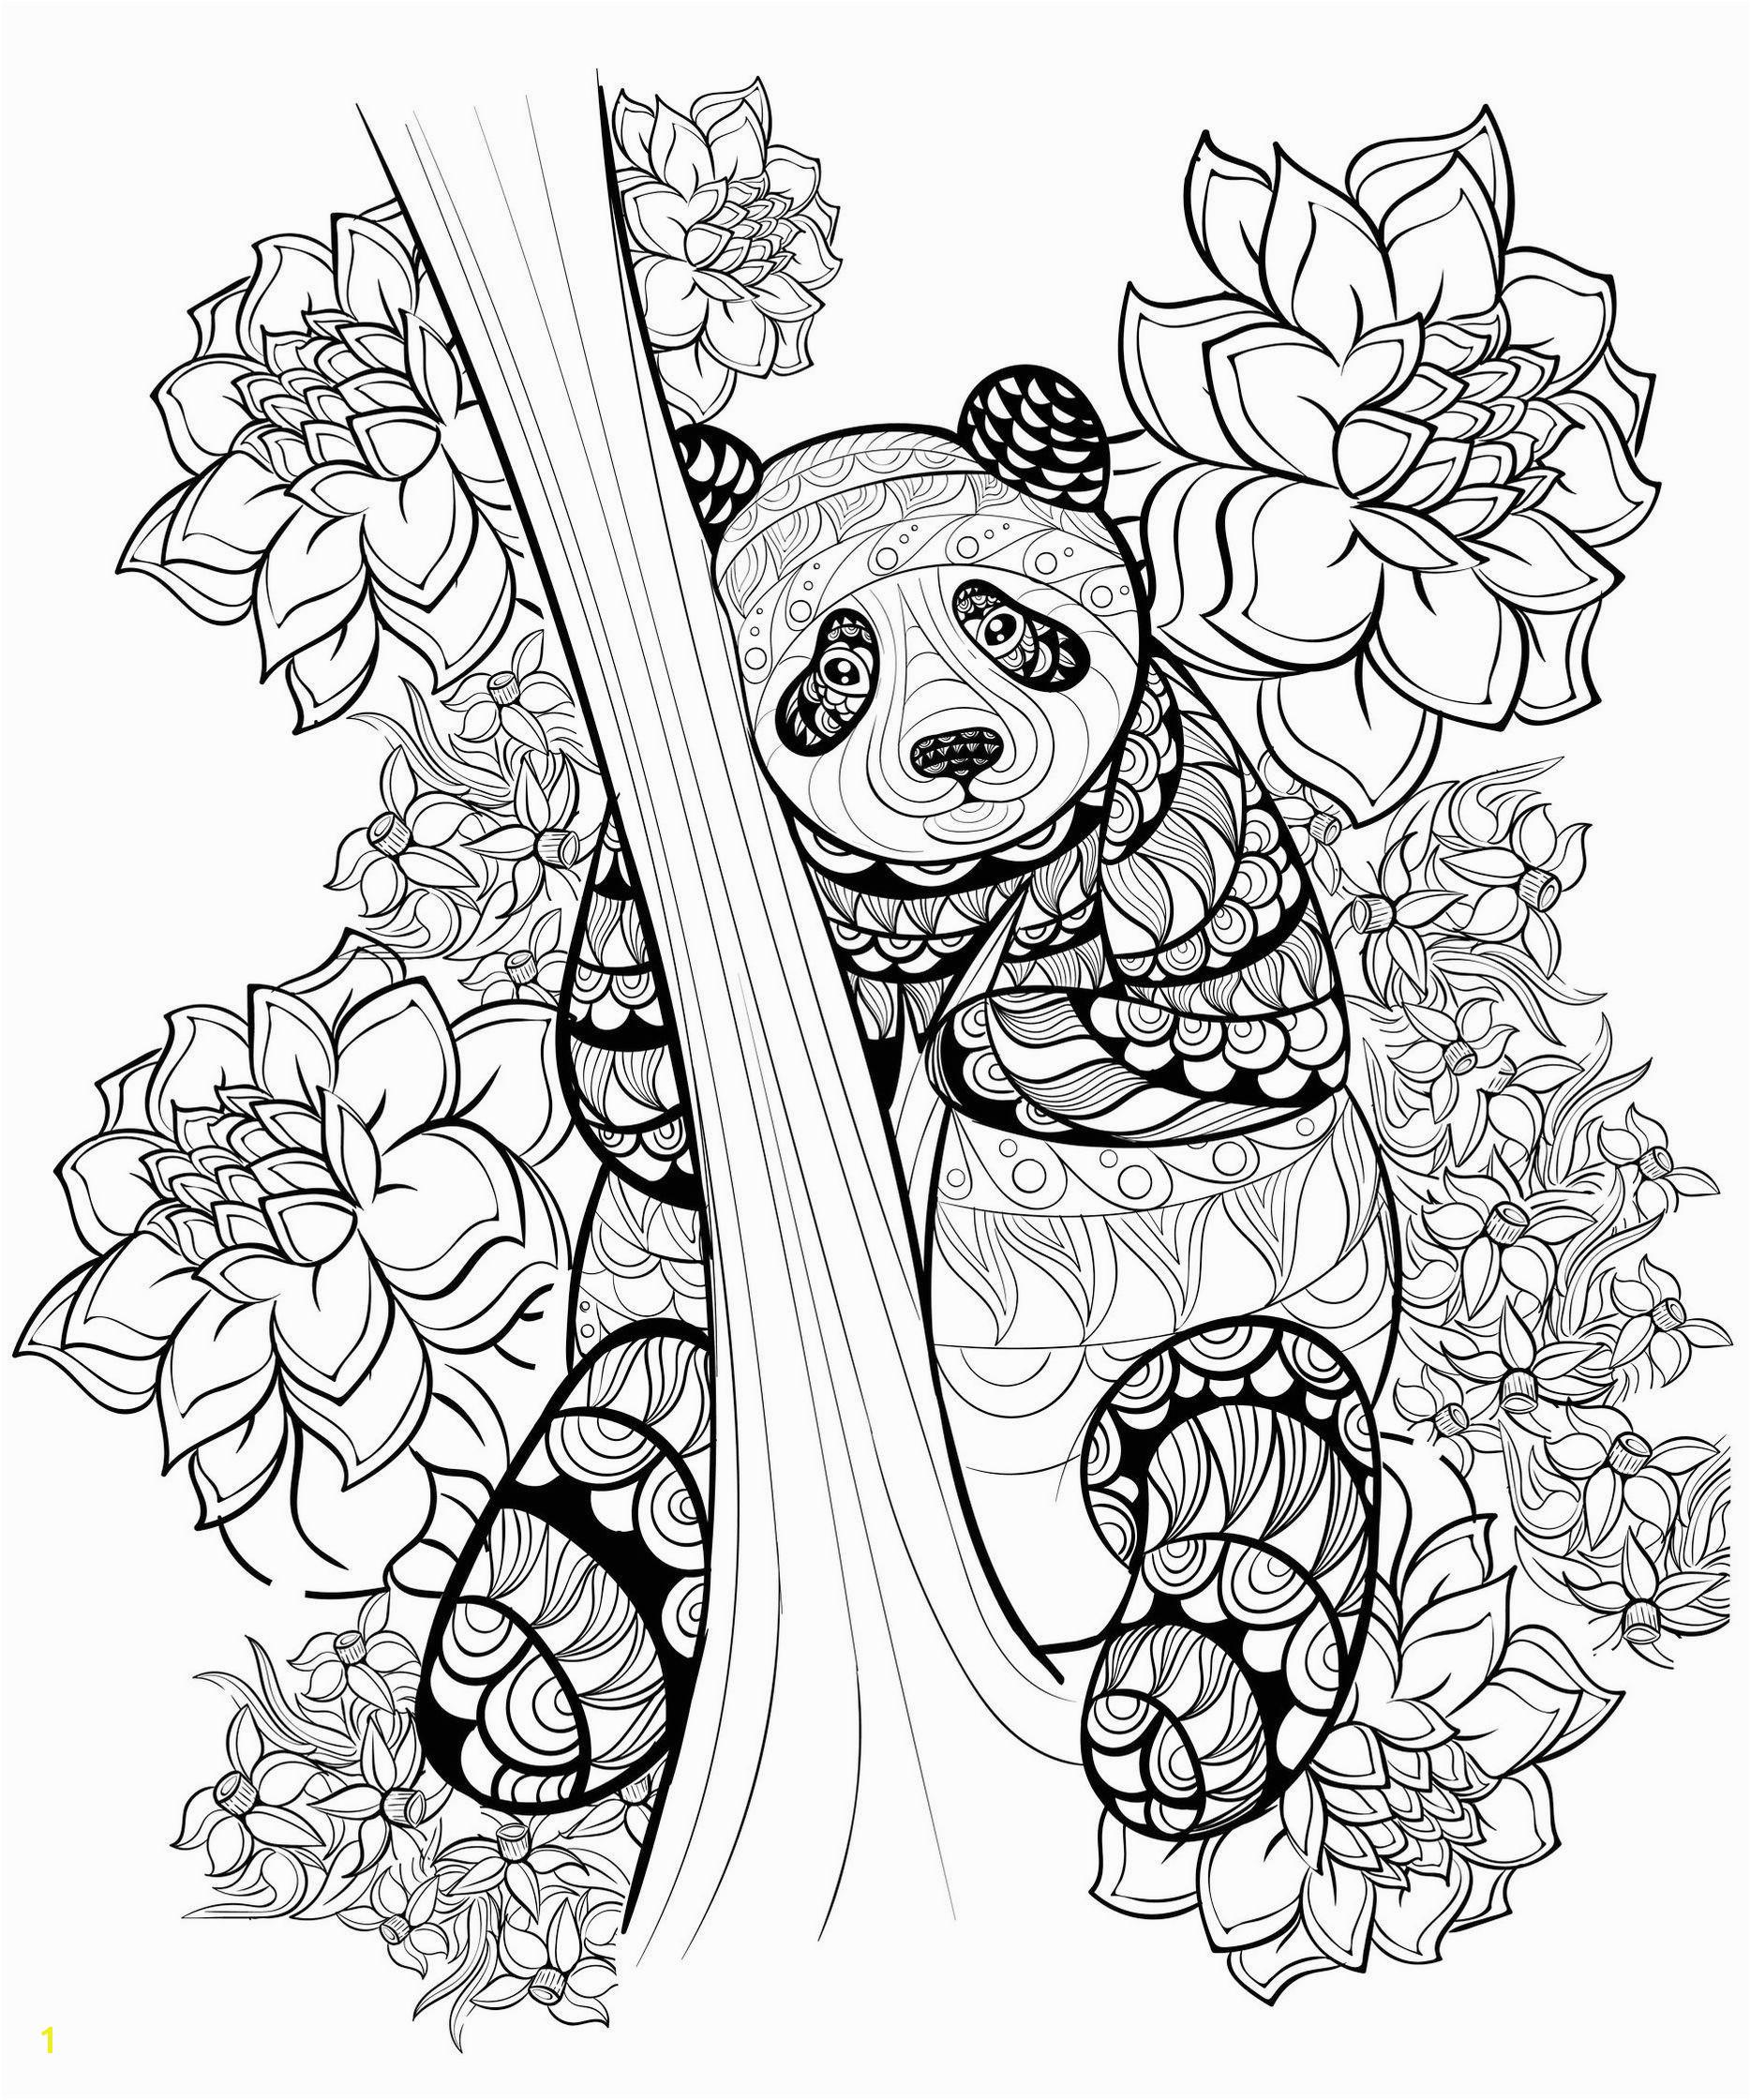 Skunk Fu Coloring Pages 14 Unique Skunk Fu Coloring Pages Gallery Schön Kung Fu Panda